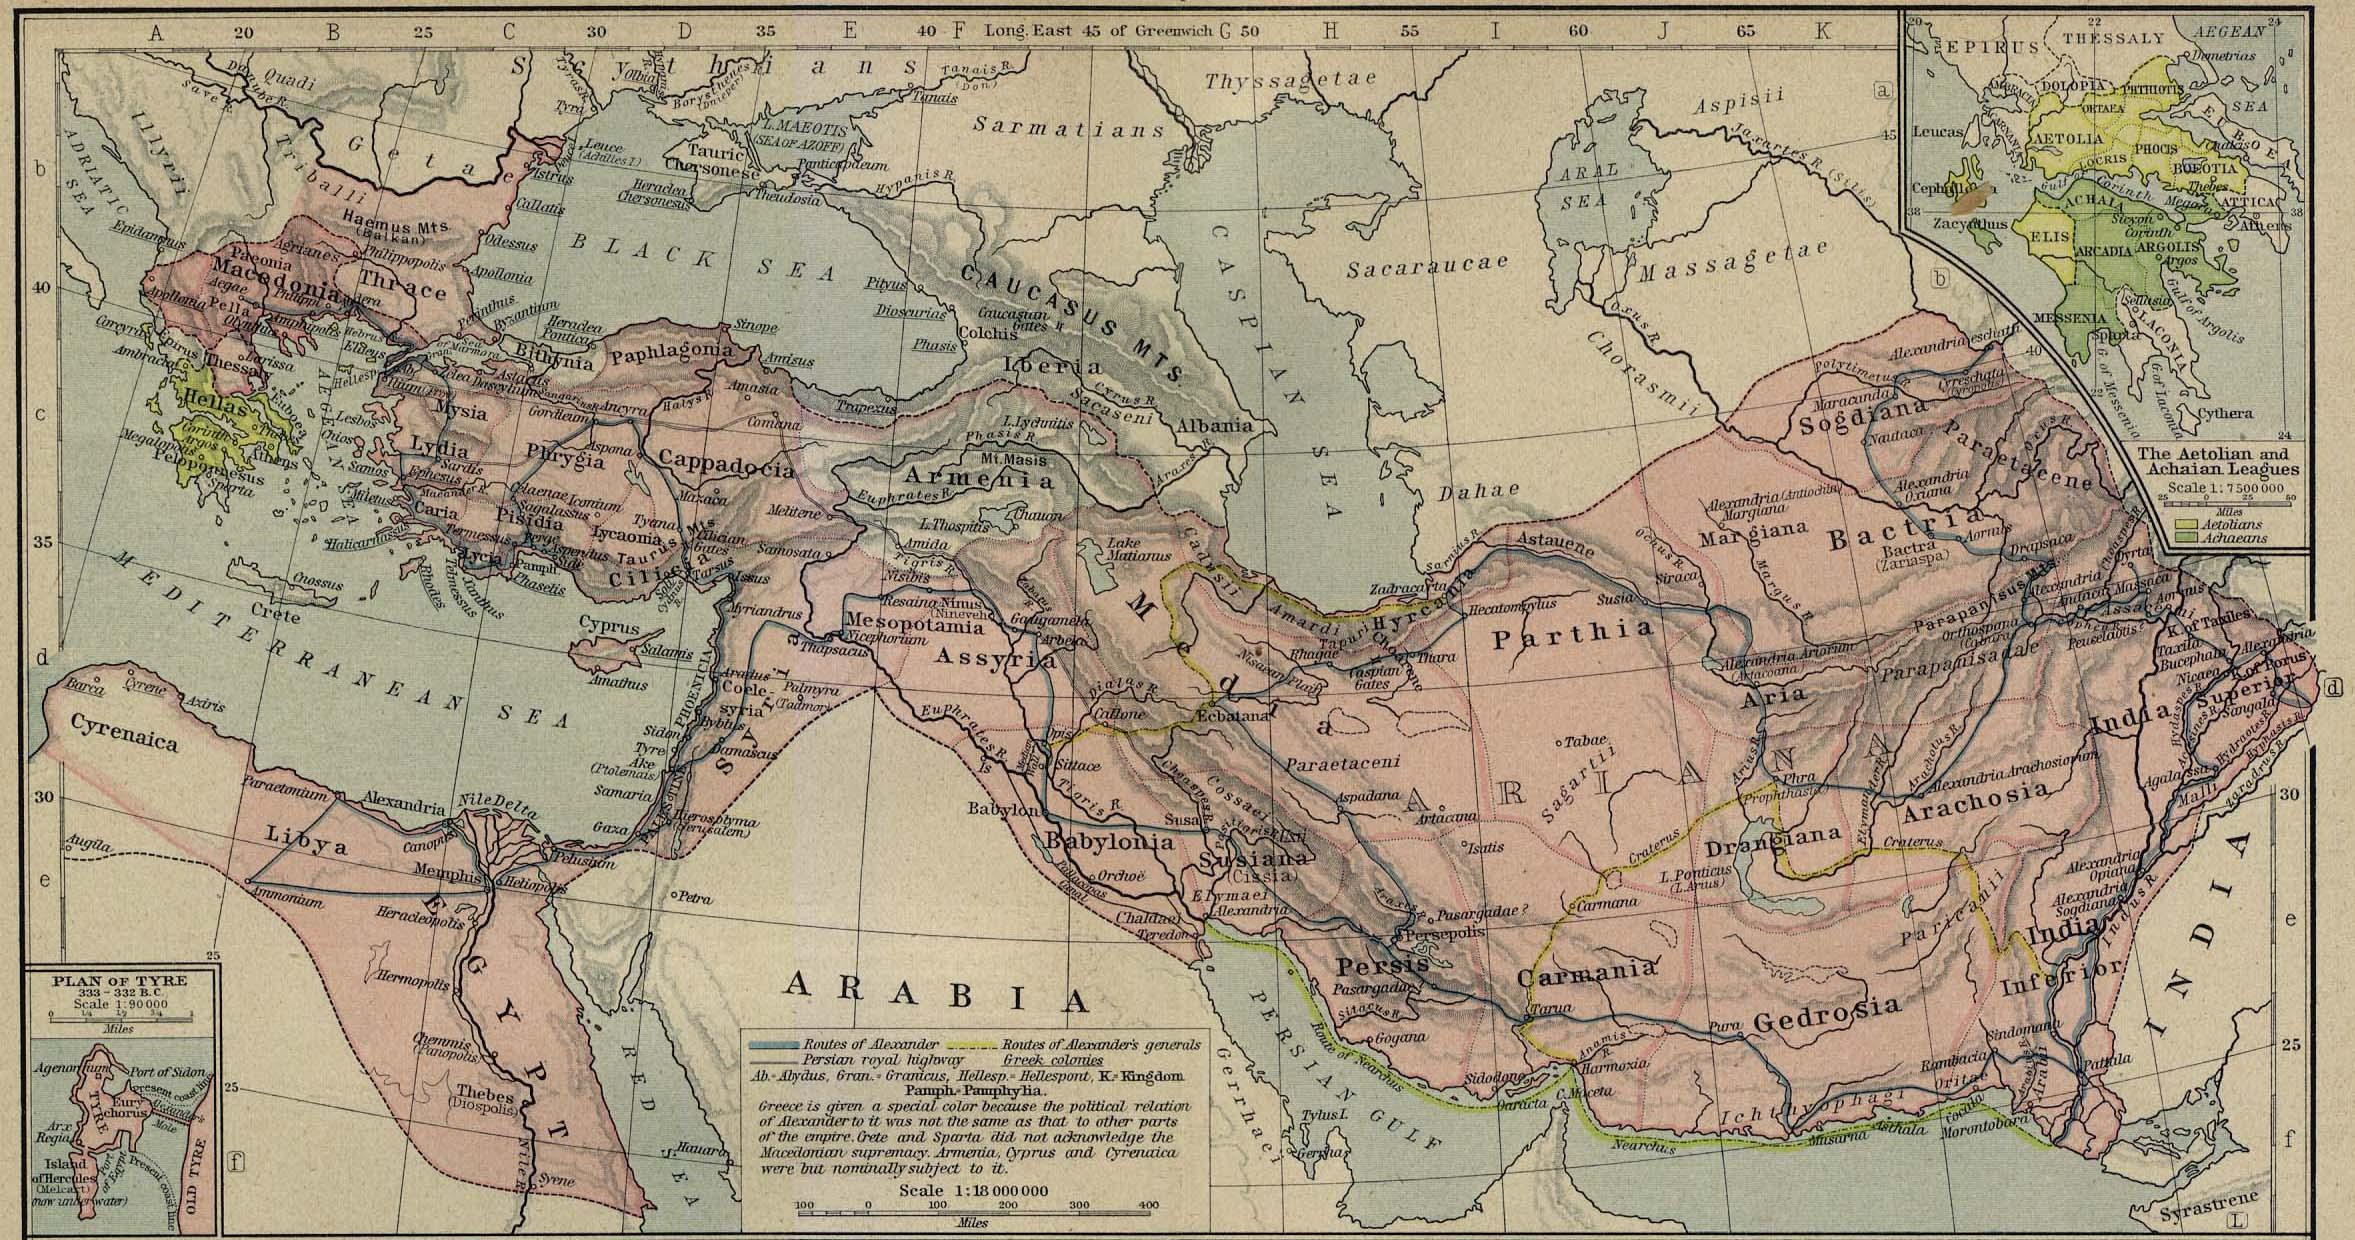 Imperio Macedonio 336-323 adC